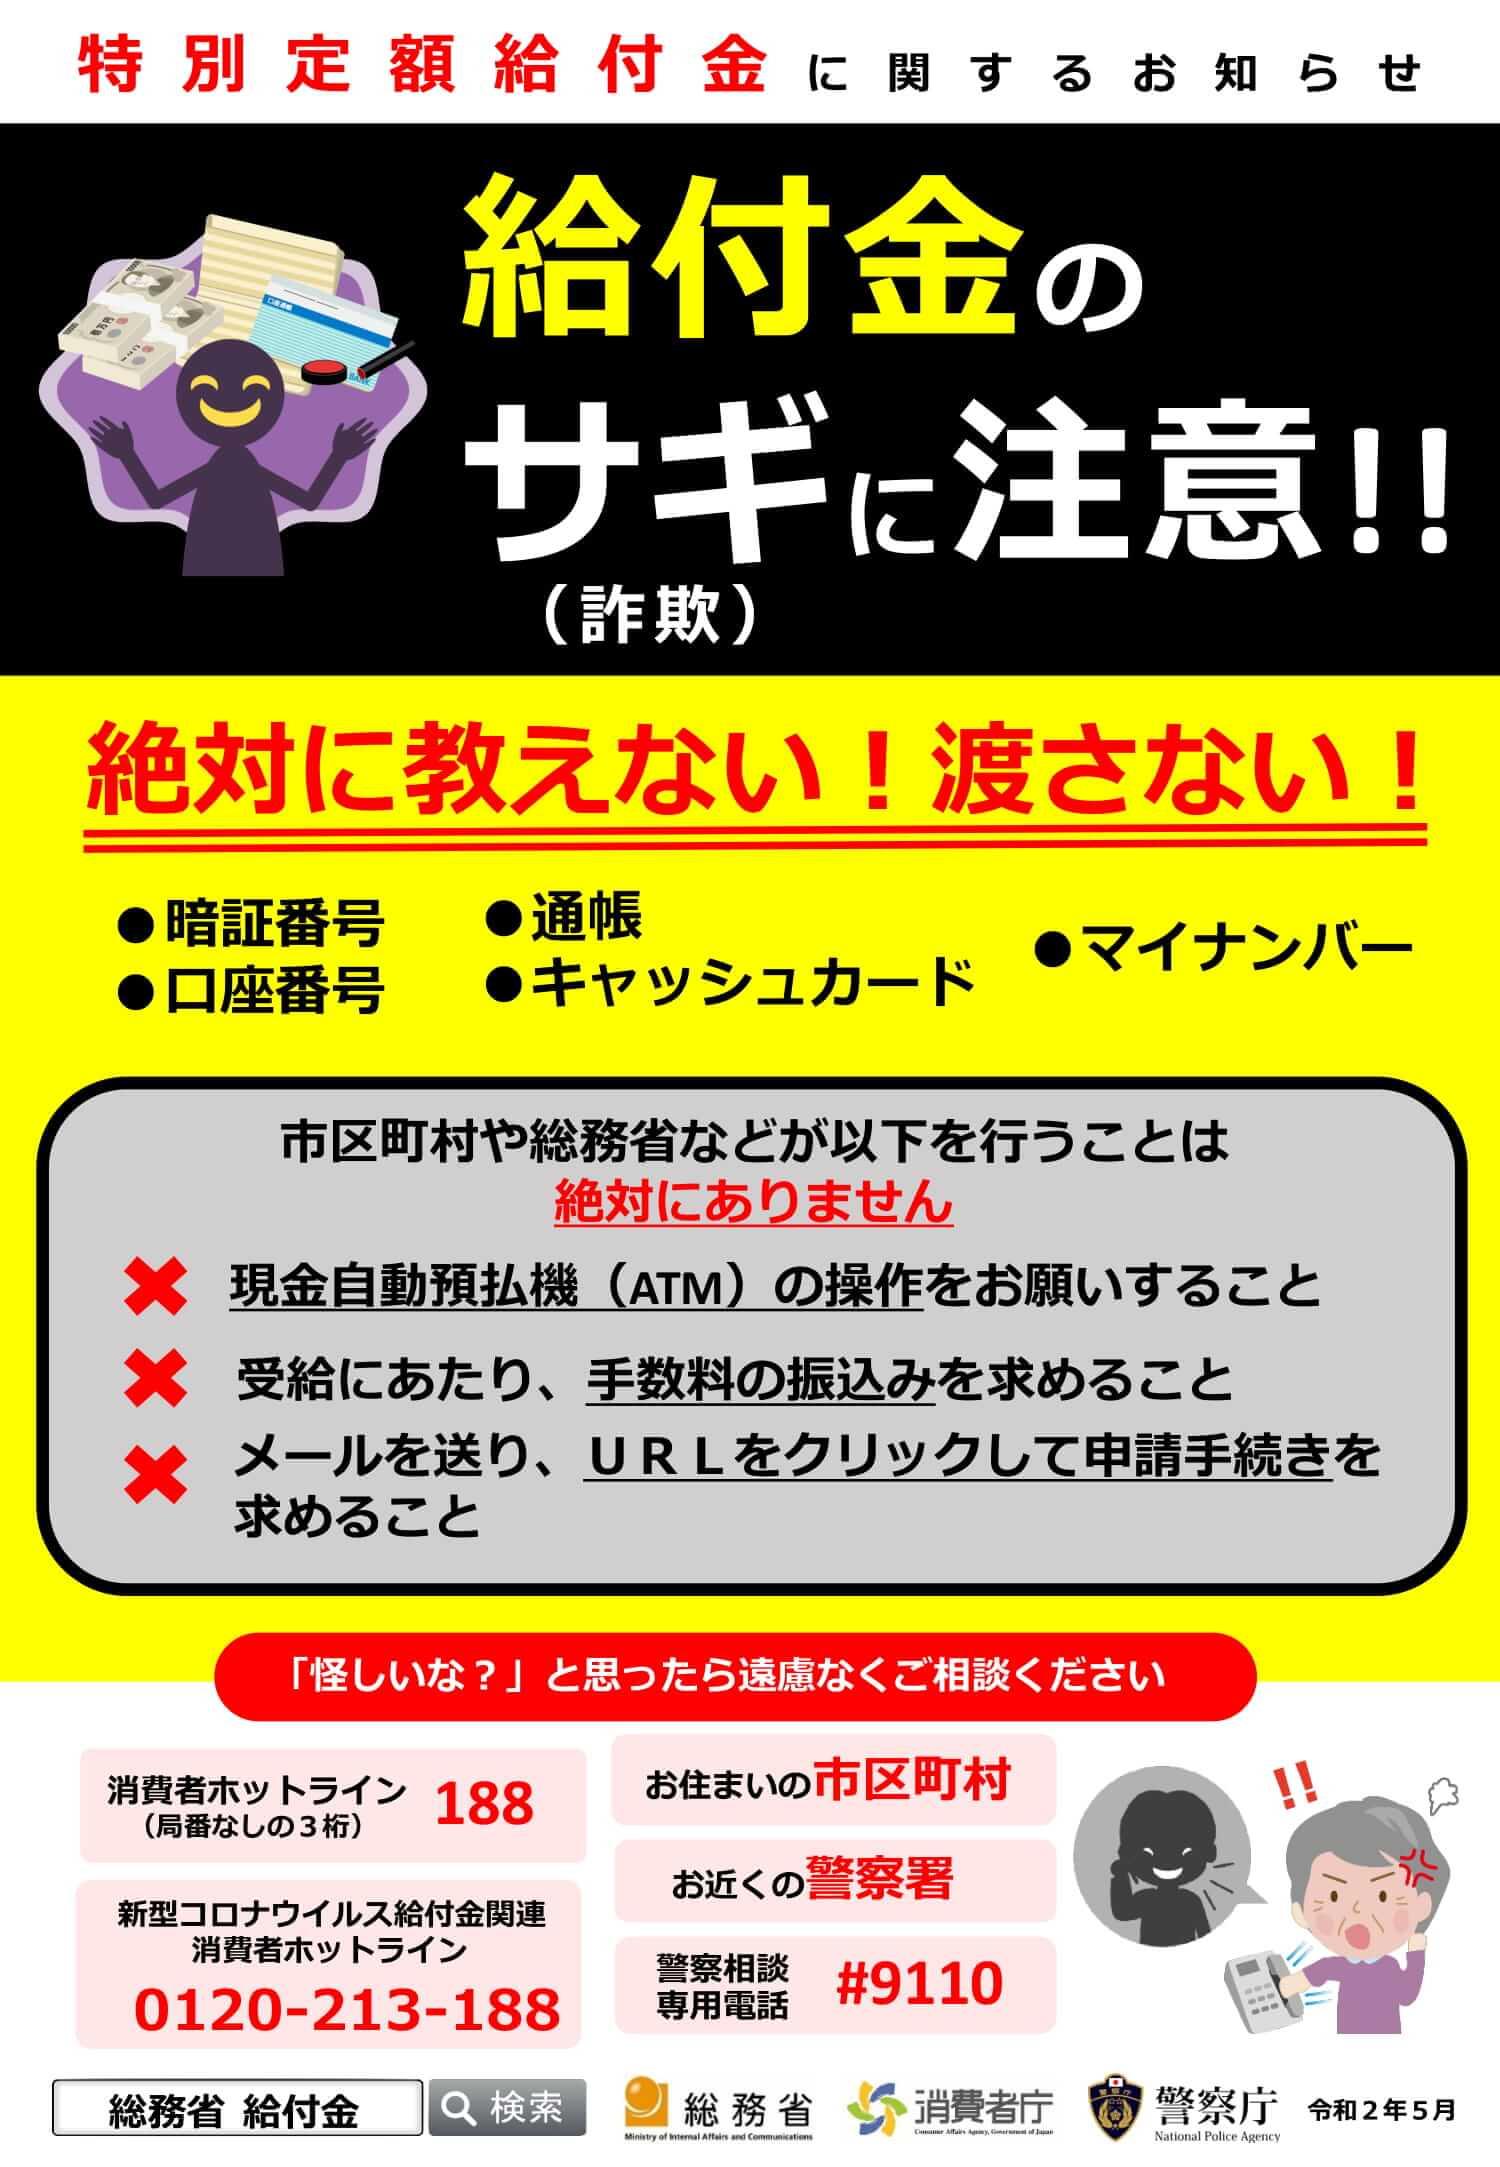 給付金のサギ(詐欺)に注意!!